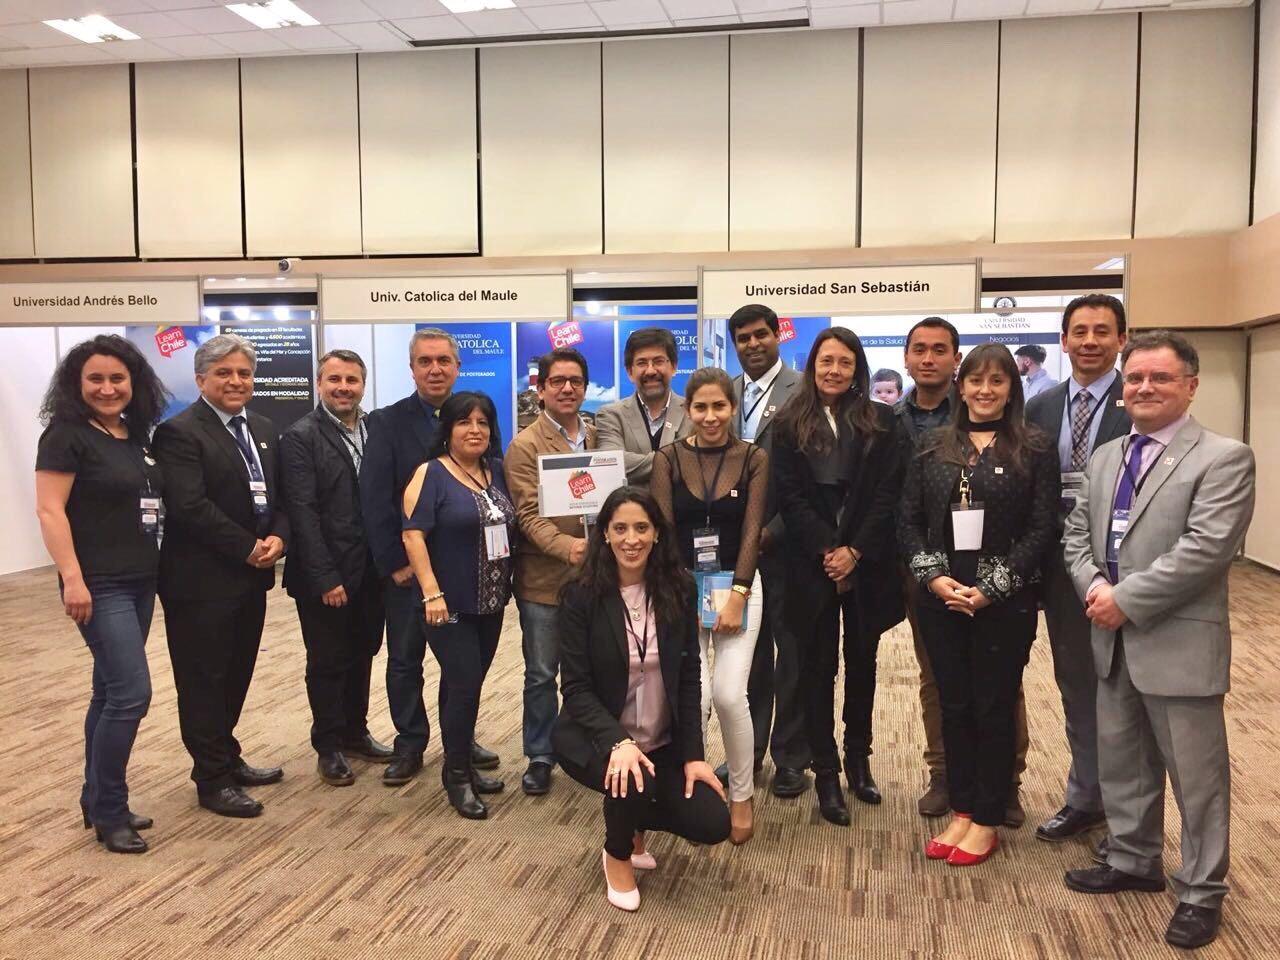 Postgrados UCM y su apuesta por la internacionalización